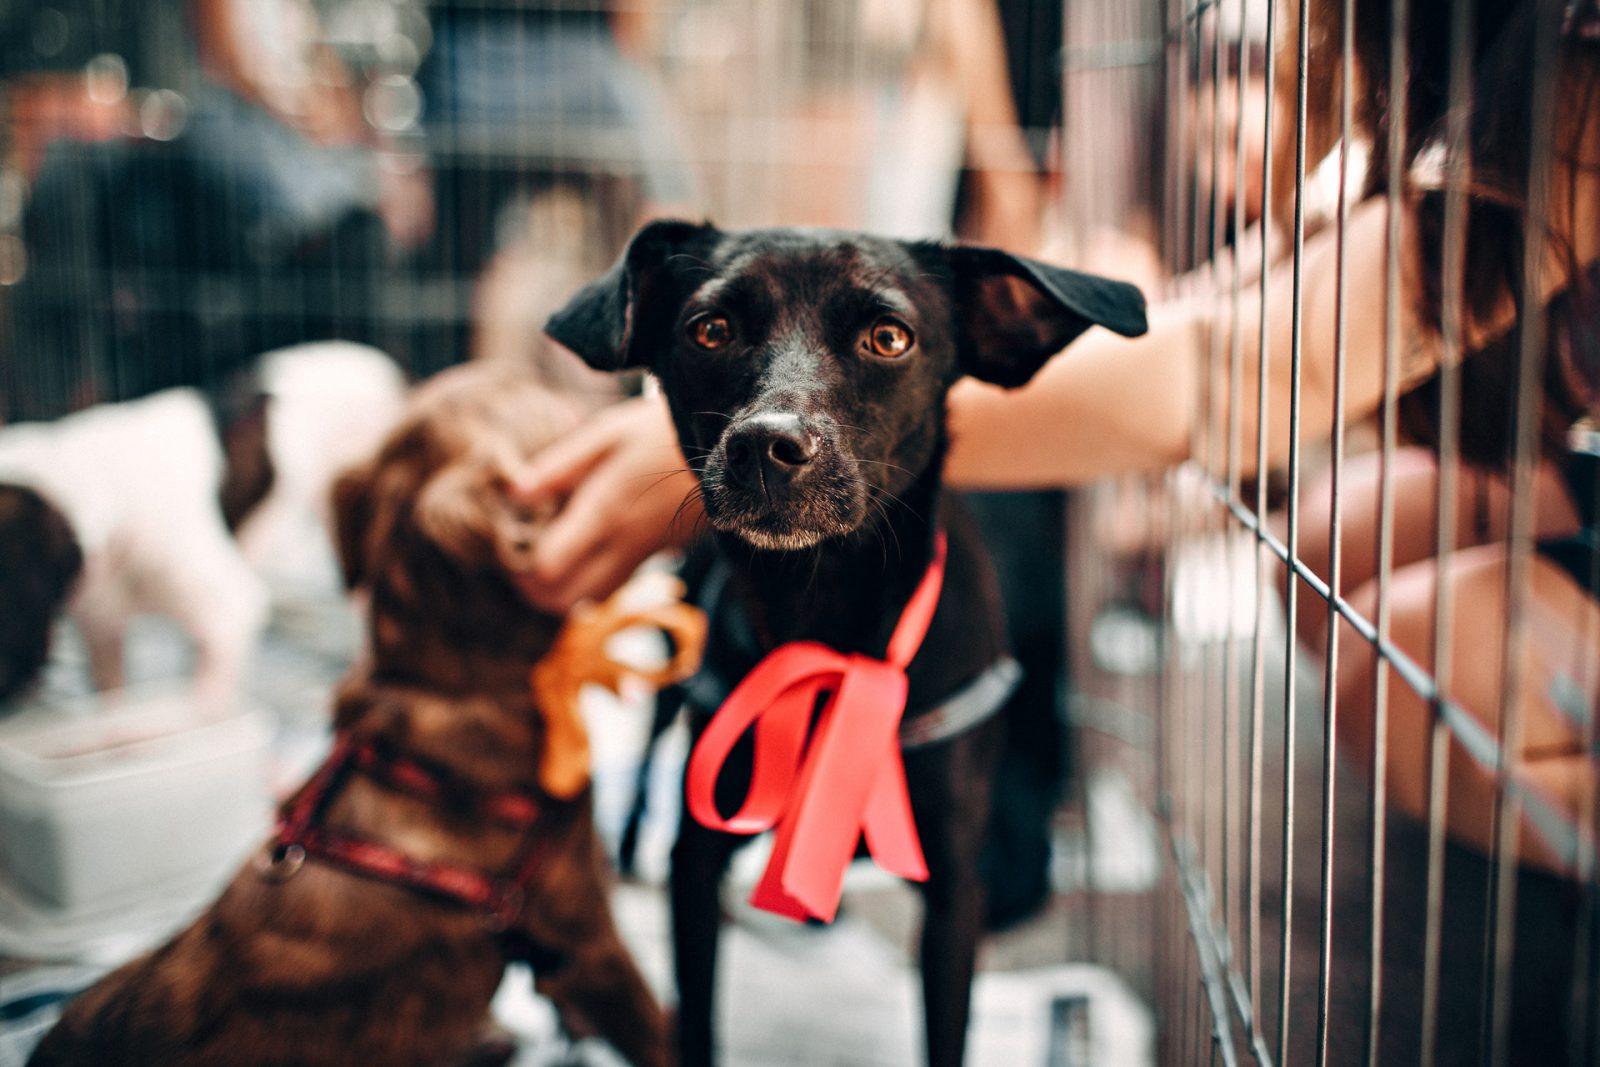 É preciso combater com força os maus tratos aos animais.